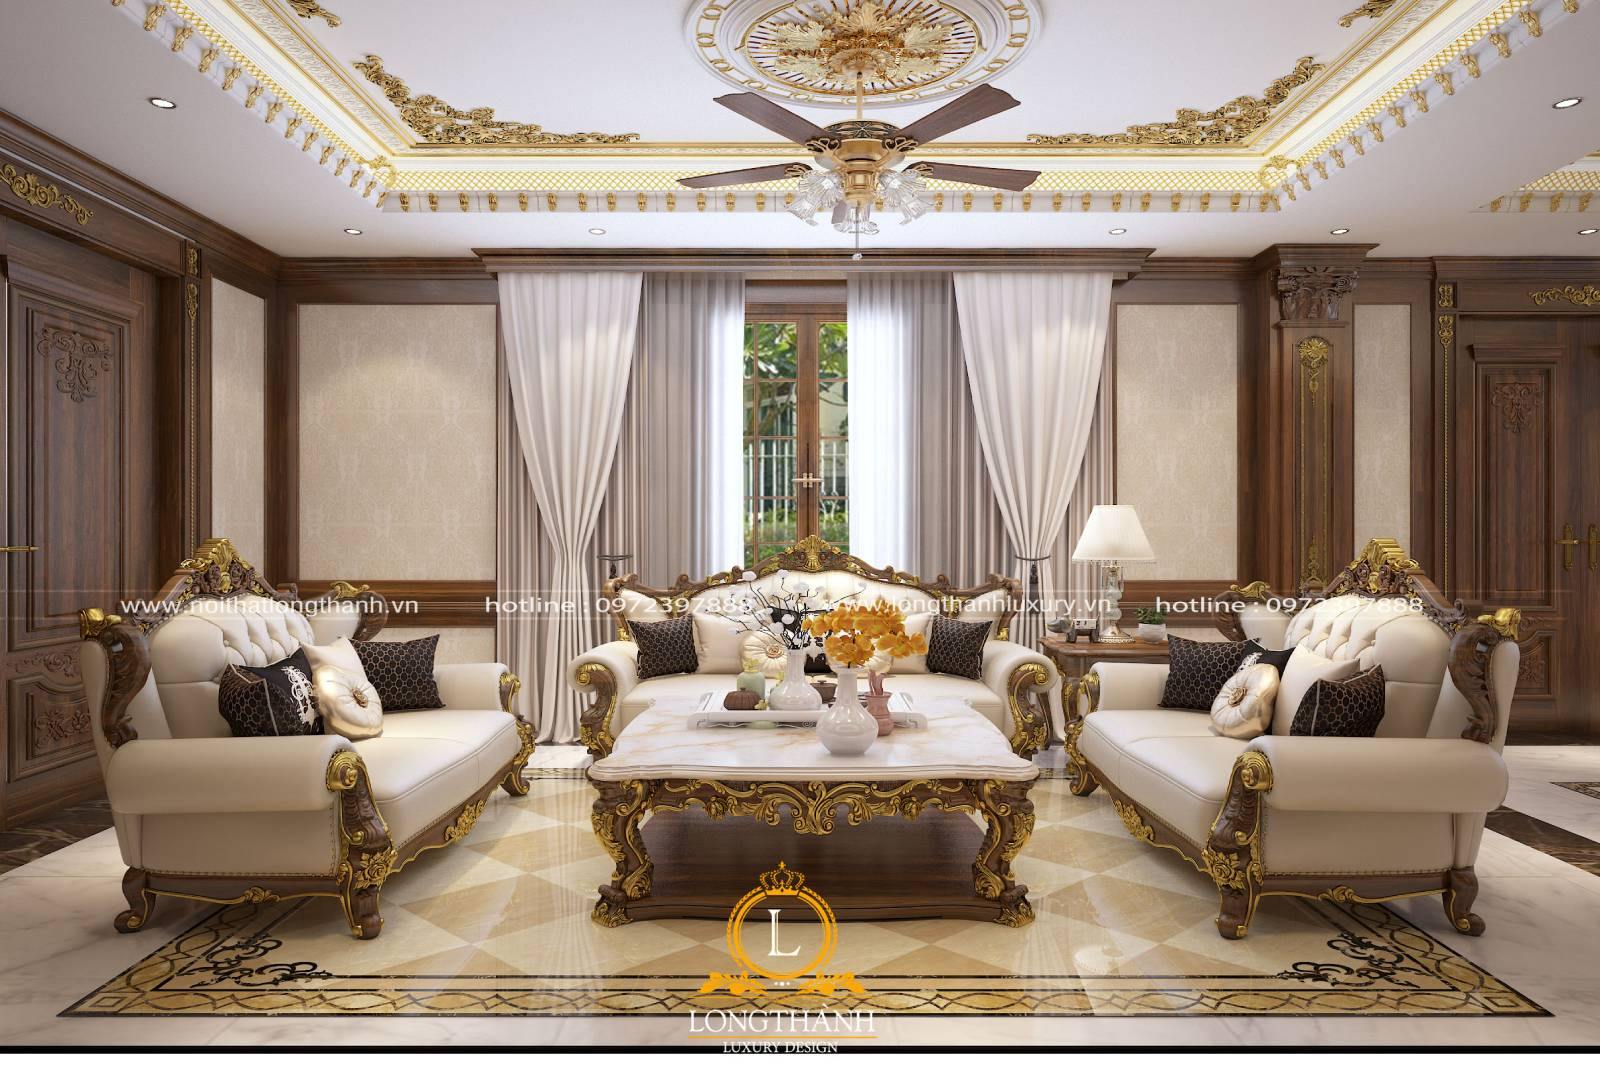 Lựa chọn bộ sofa dát vàng cho phòng khách biệt thự hoàn hảo